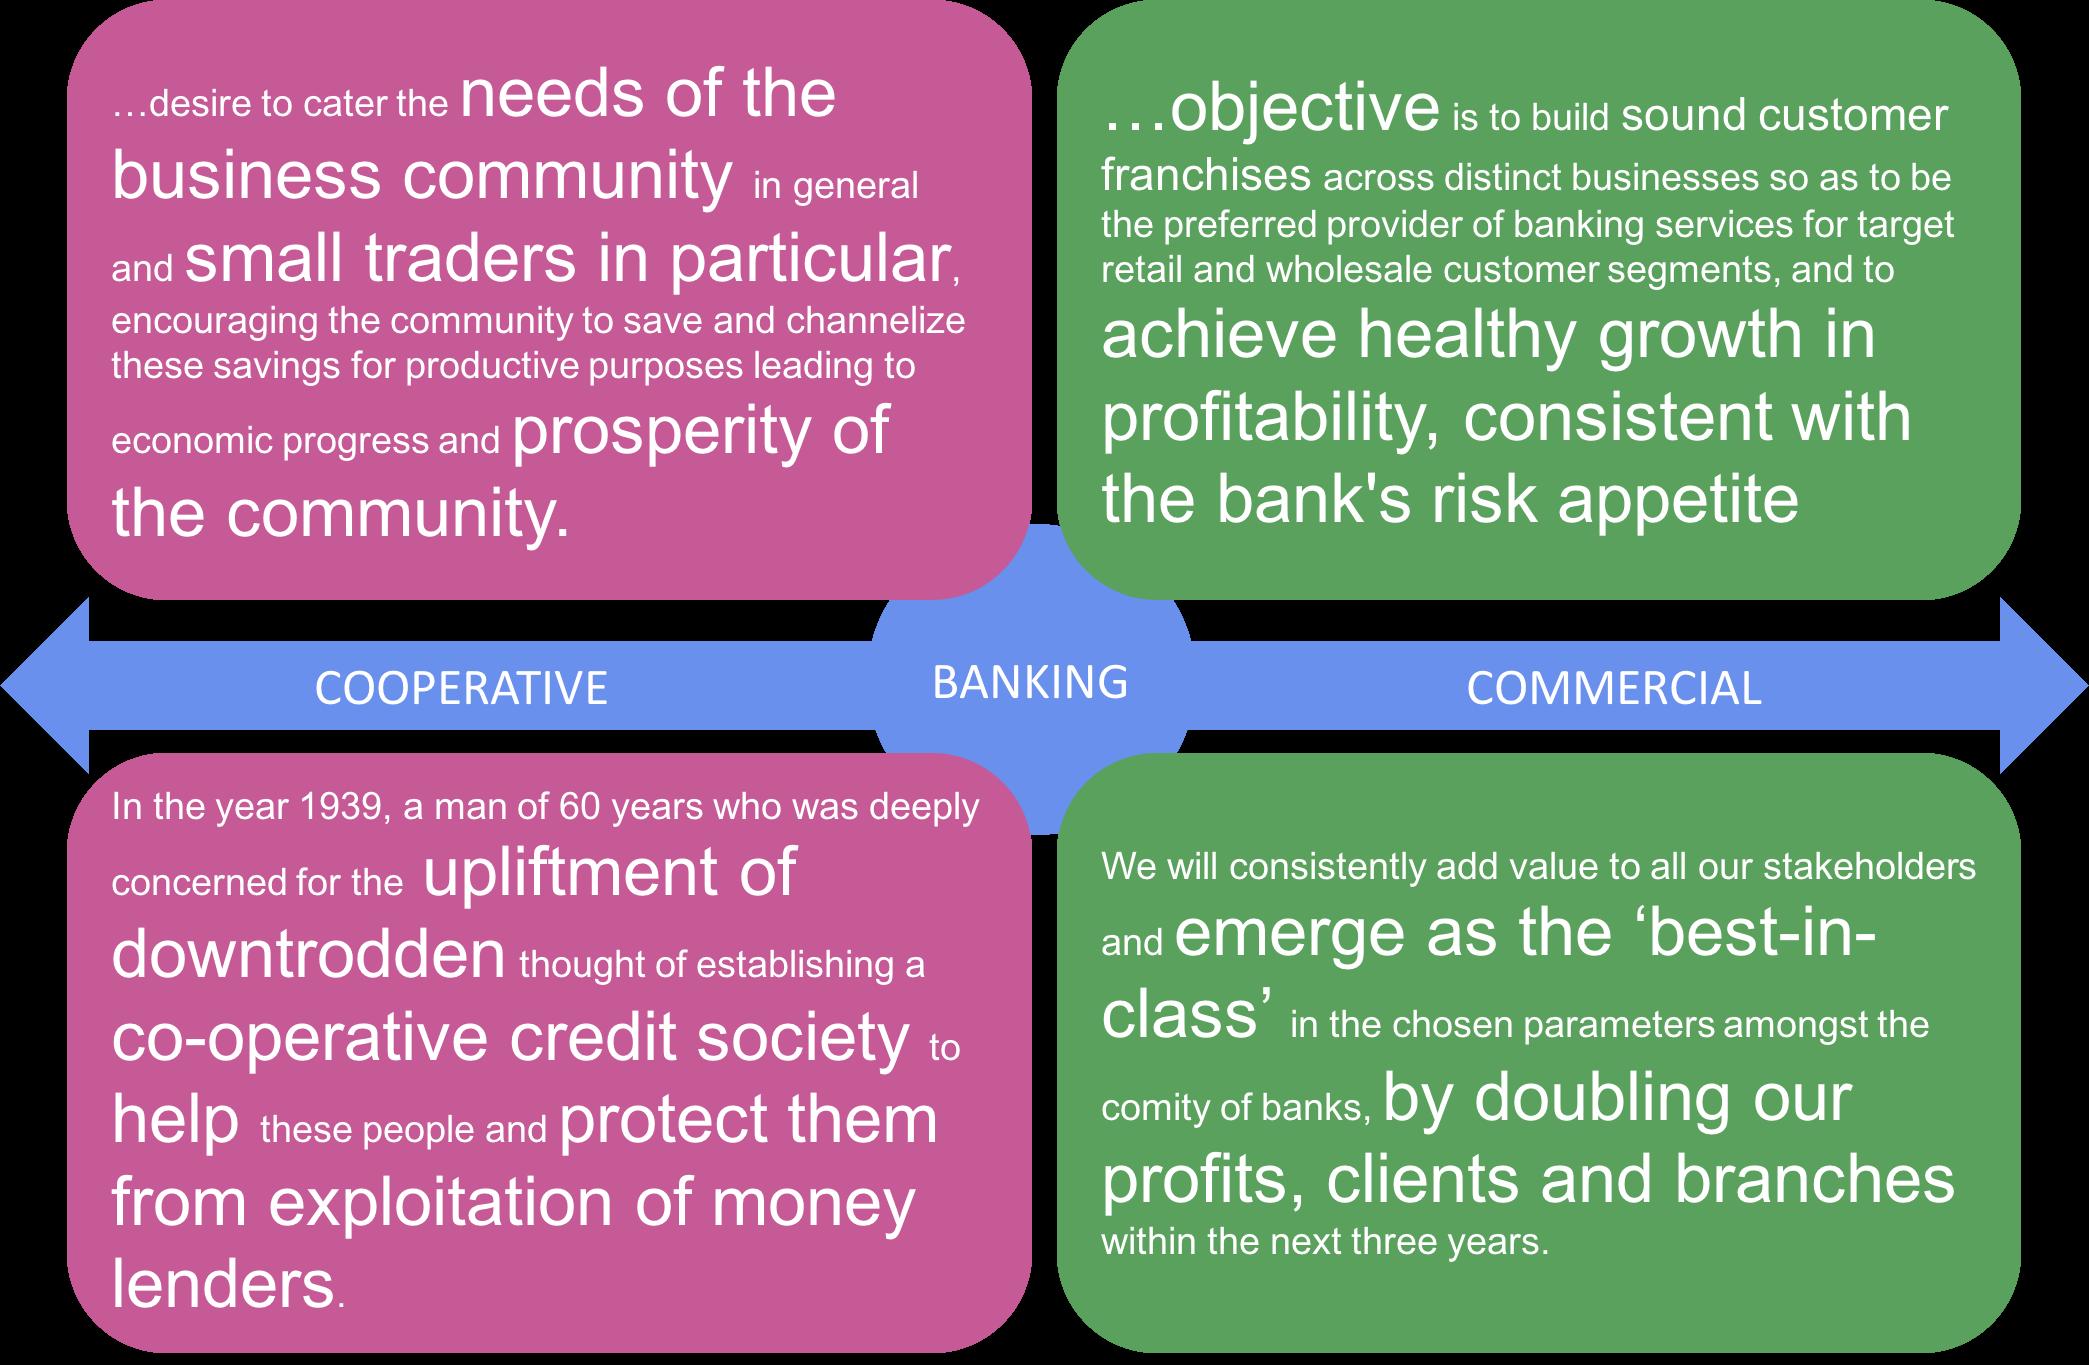 Nagrika_Blog_Banking.png